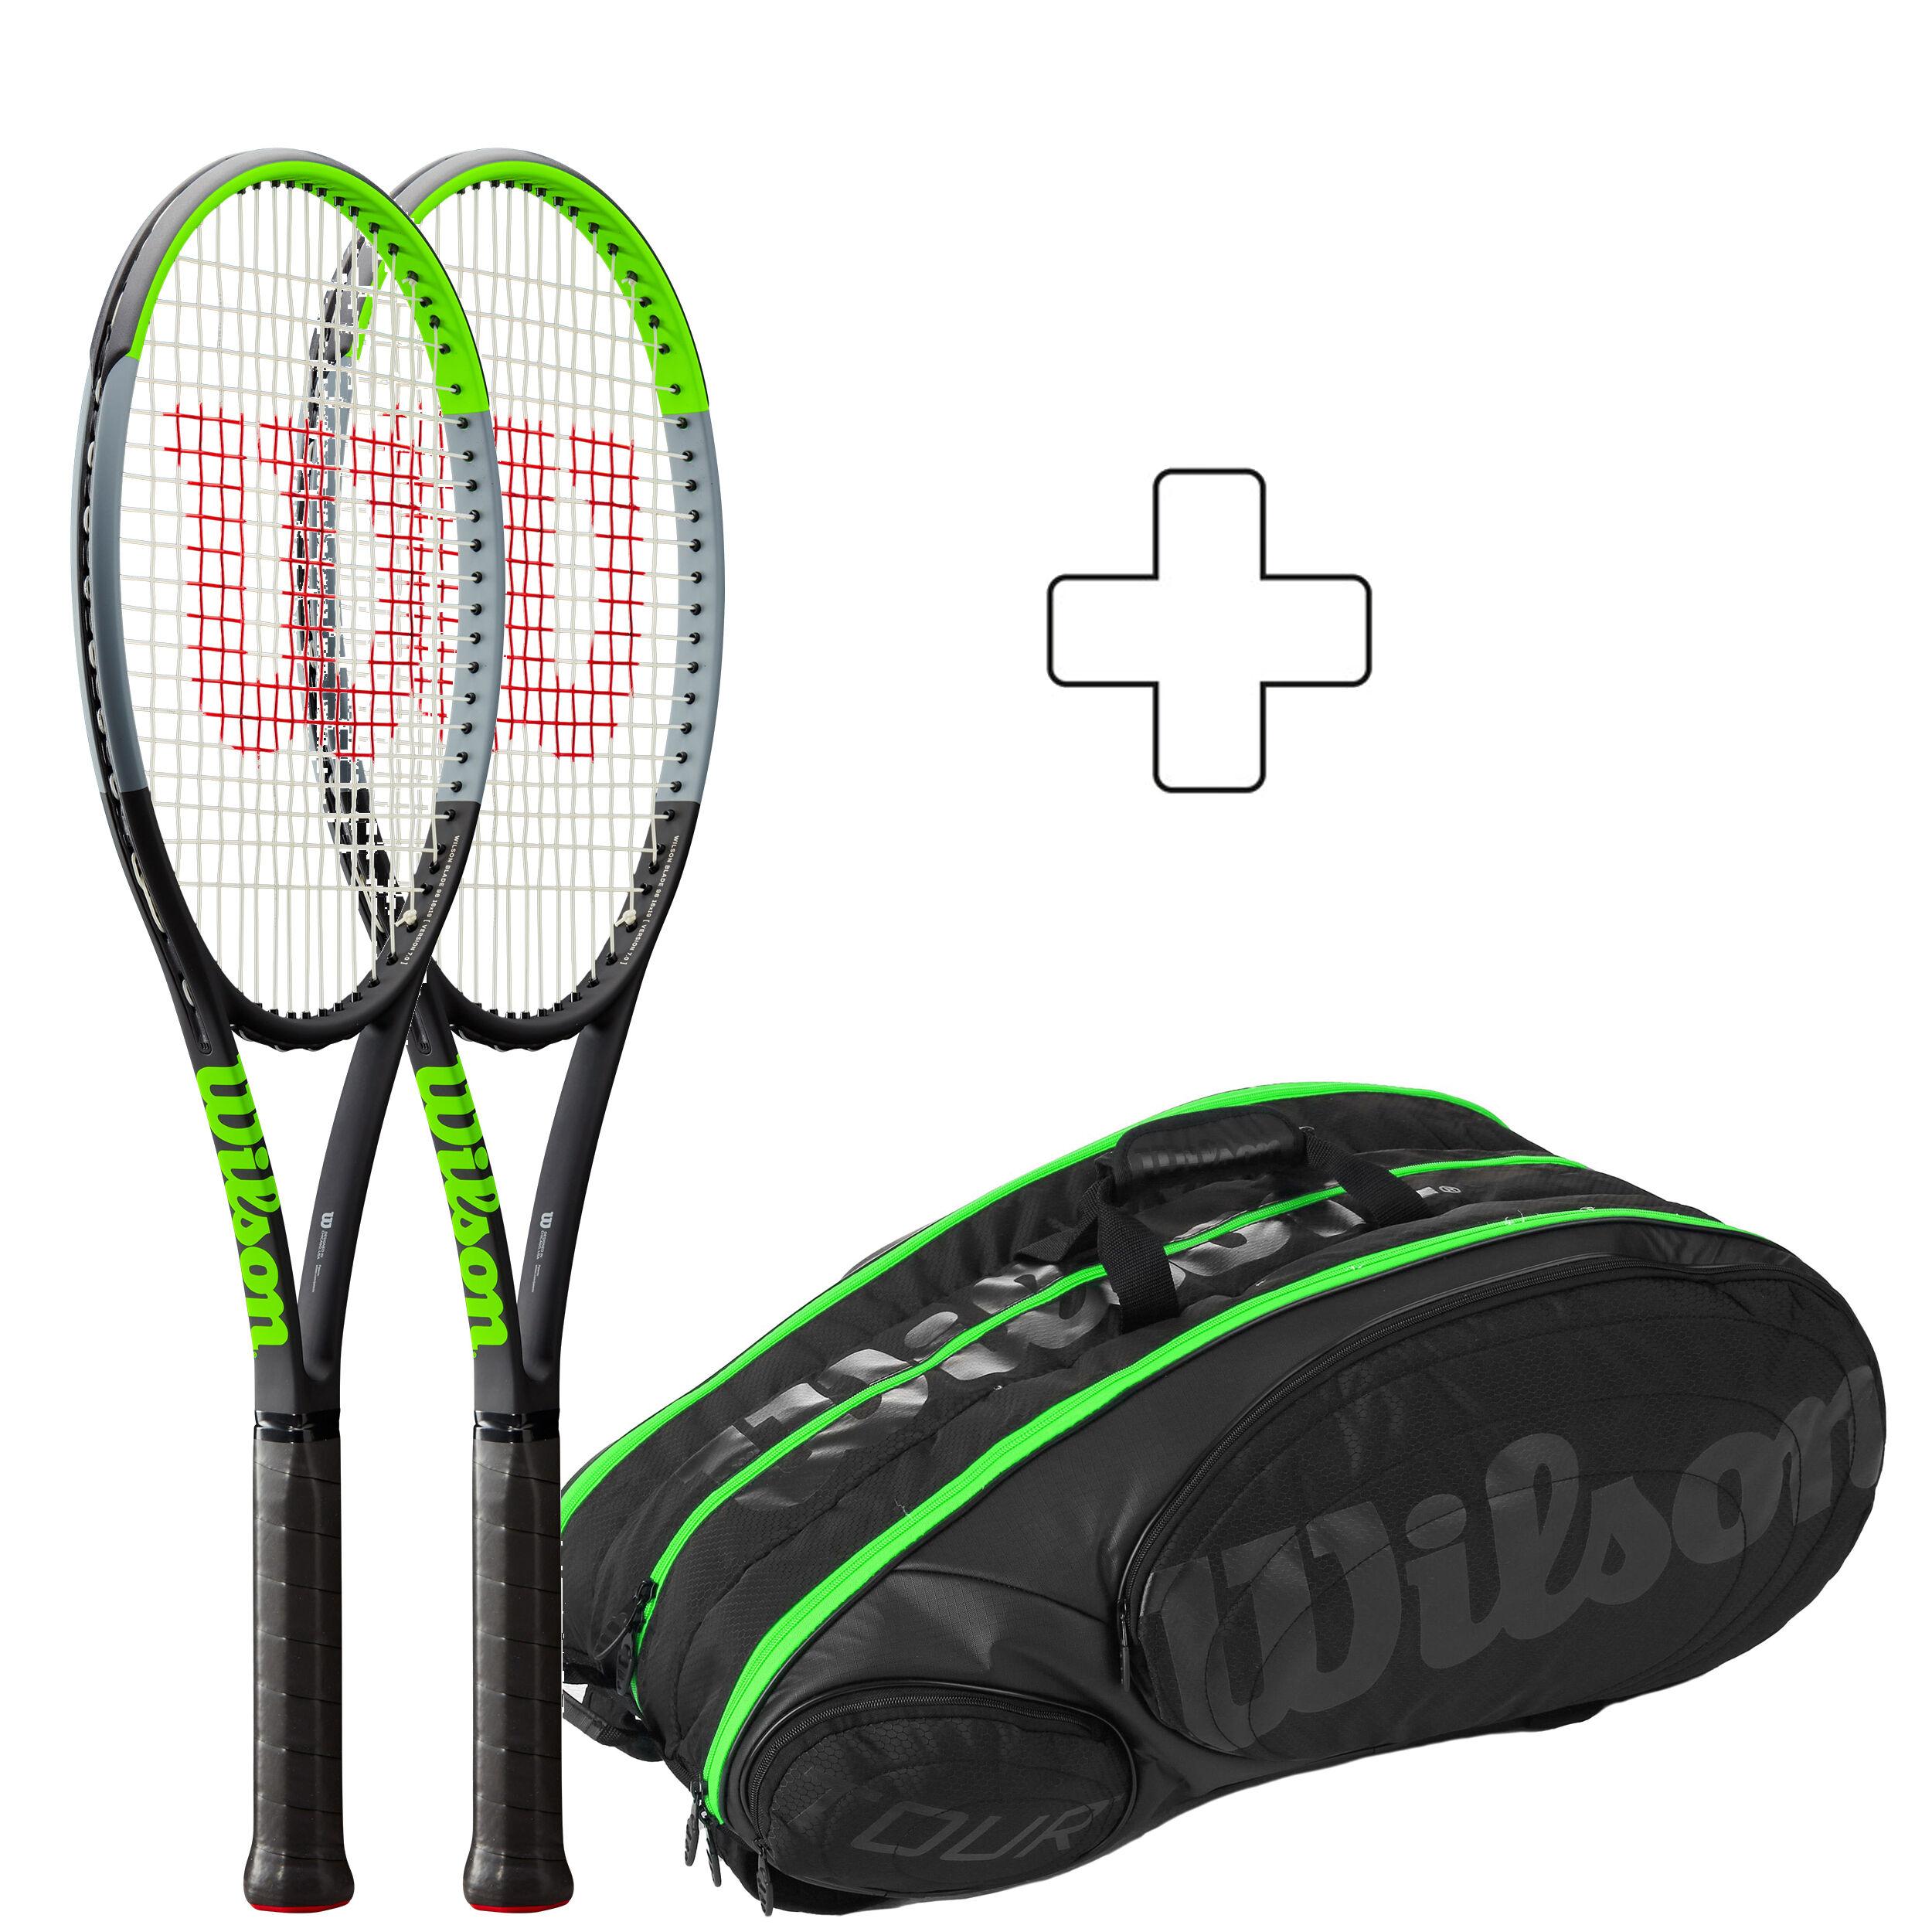 Wilson Blade 98 16x19 V7.0 Ketcherpakke (Plus Ketsjertaske) køb online   Tennis-Point